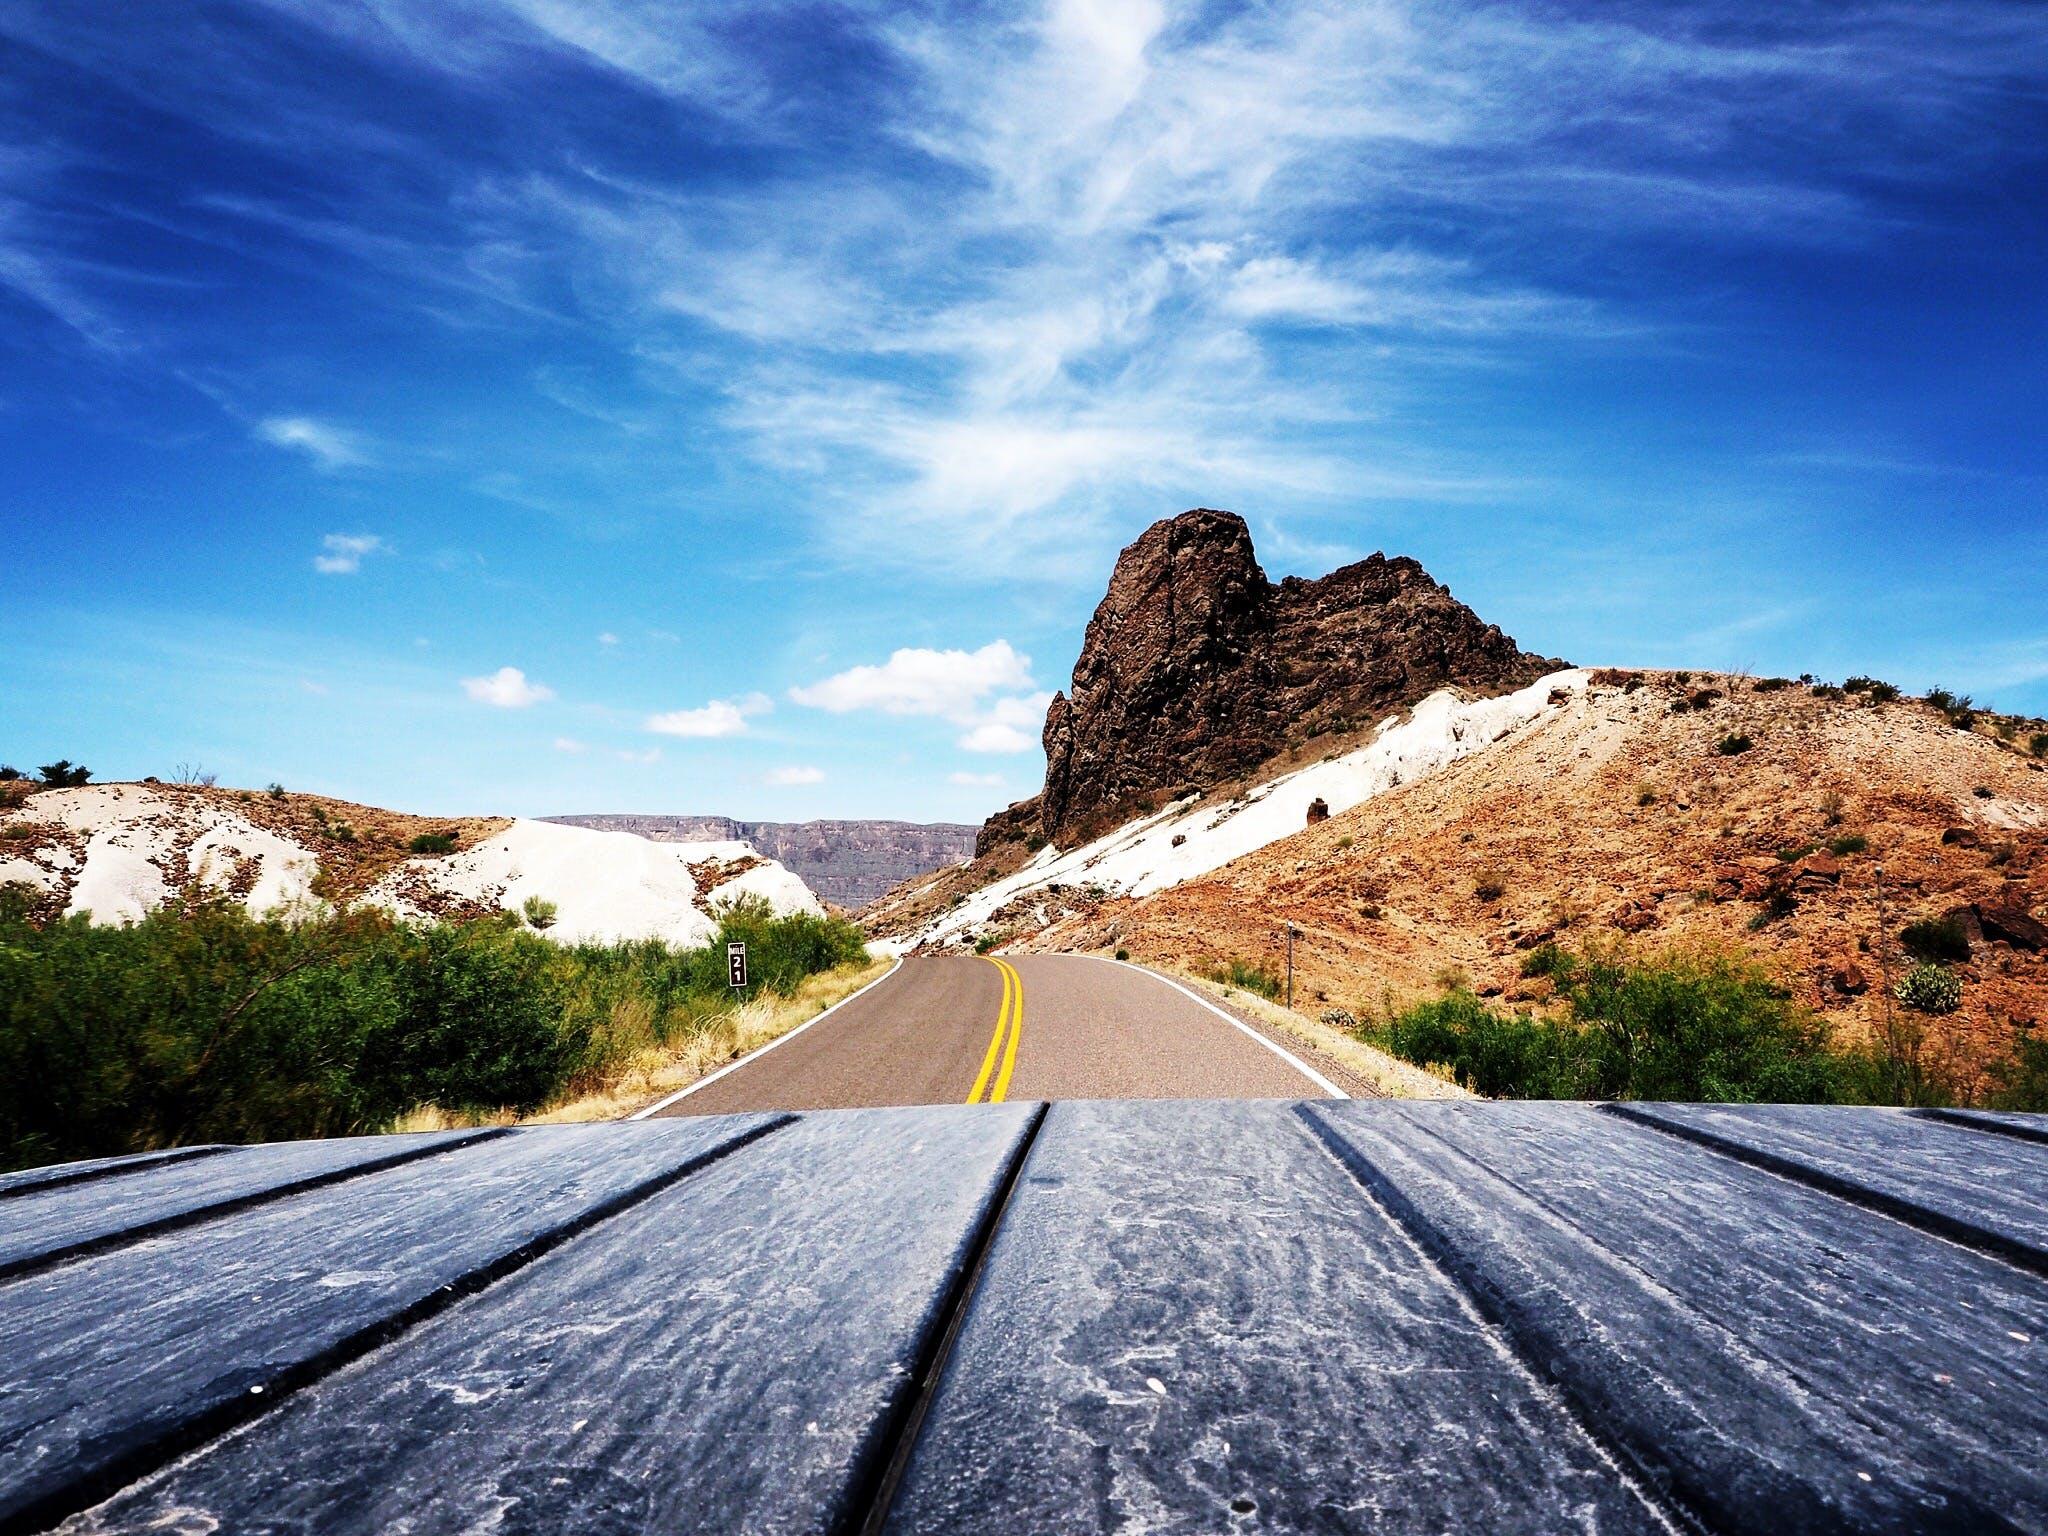 Δωρεάν στοκ φωτογραφιών με άσφαλτος, αυγή, αυτοκινητόδρομος, βουνό